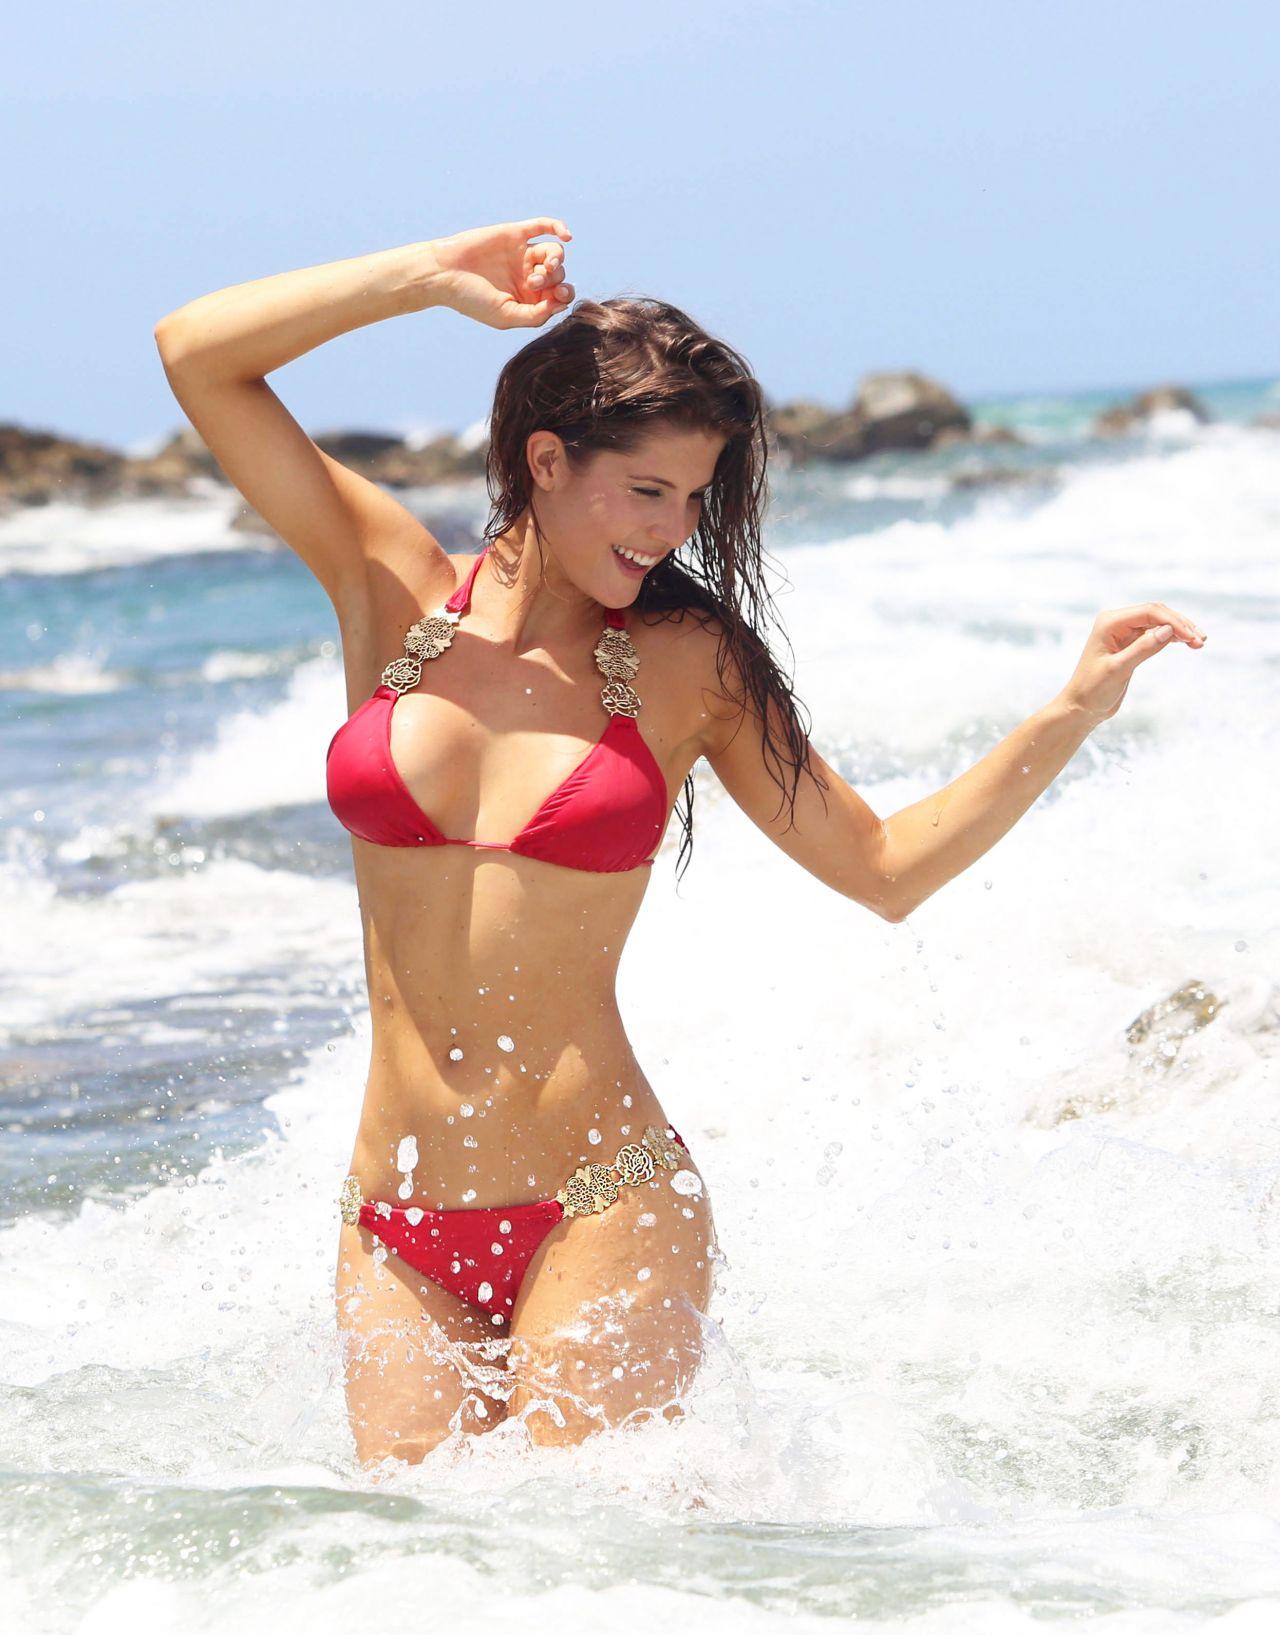 Amanda Cerny Bikini Photoshoot